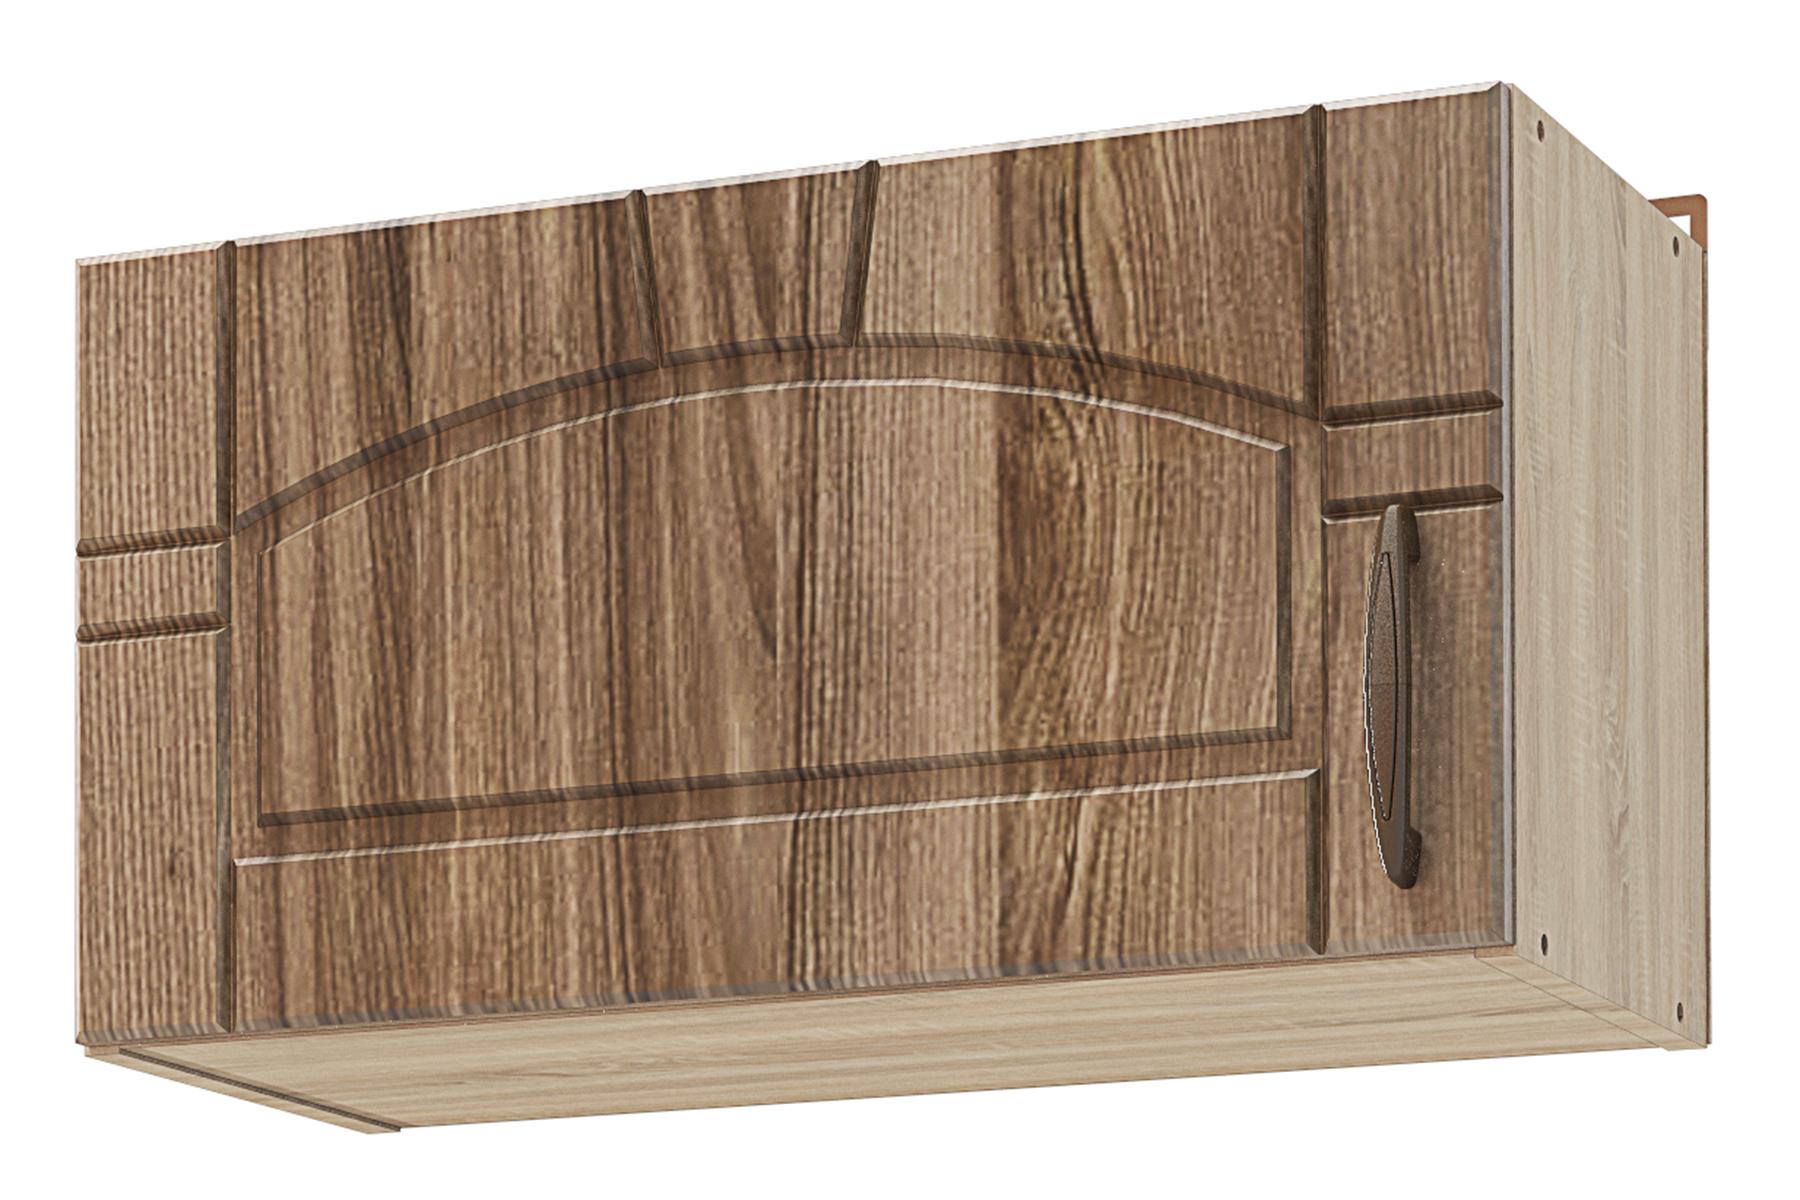 Шкаф навесной для вытяжки Камила тёмная СТЛ.217.07 шкаф навесной для вытяжки lima стл 308 04